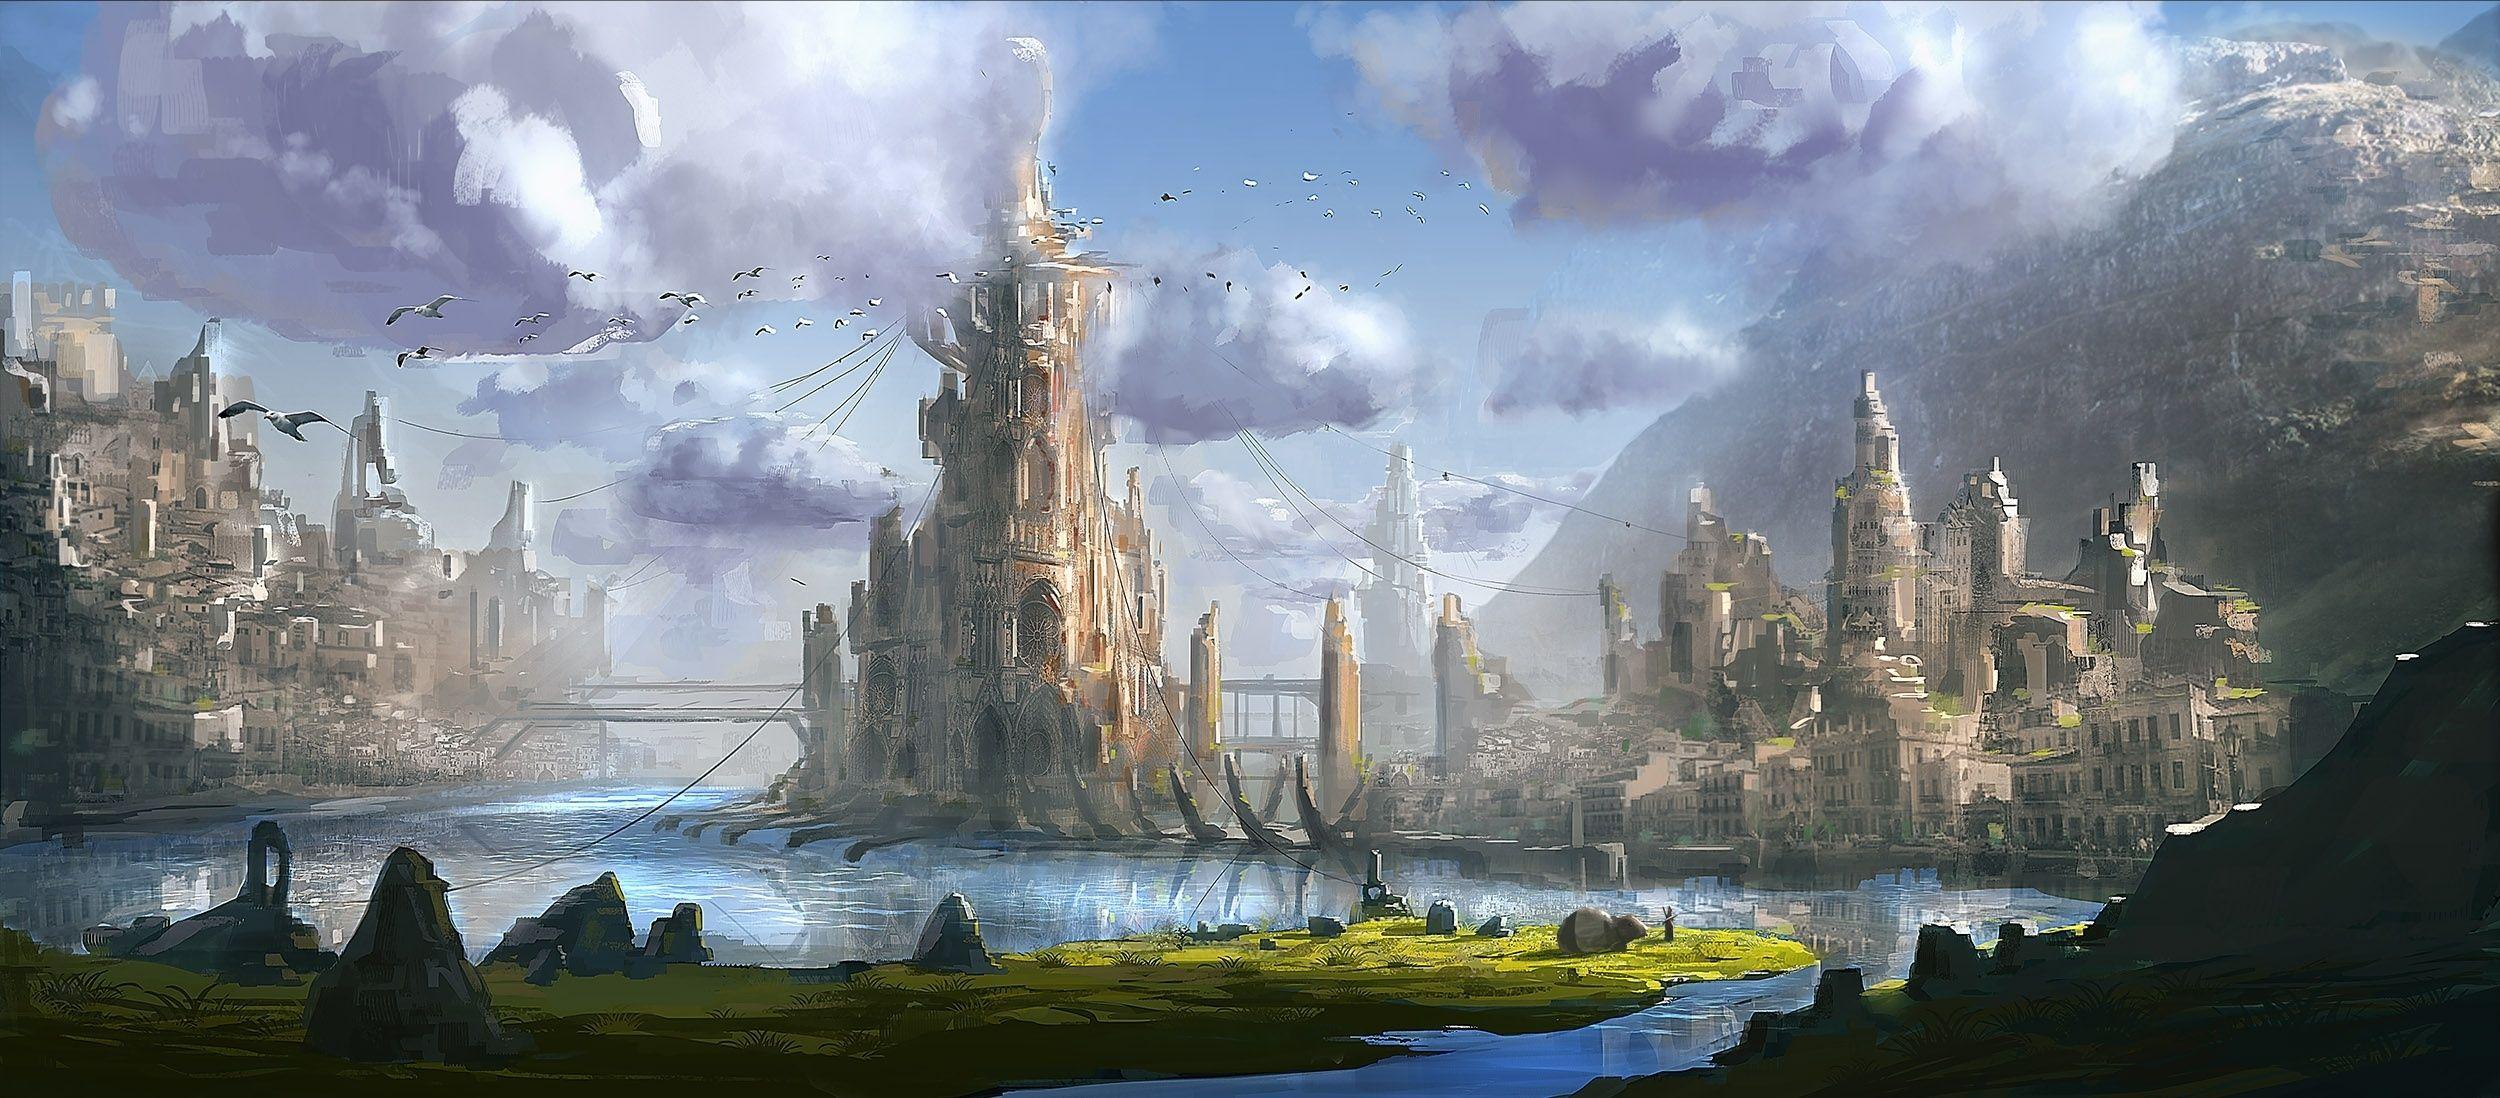 Fantasy City Fantasy city, Fantasy landscape, Fantasy castle